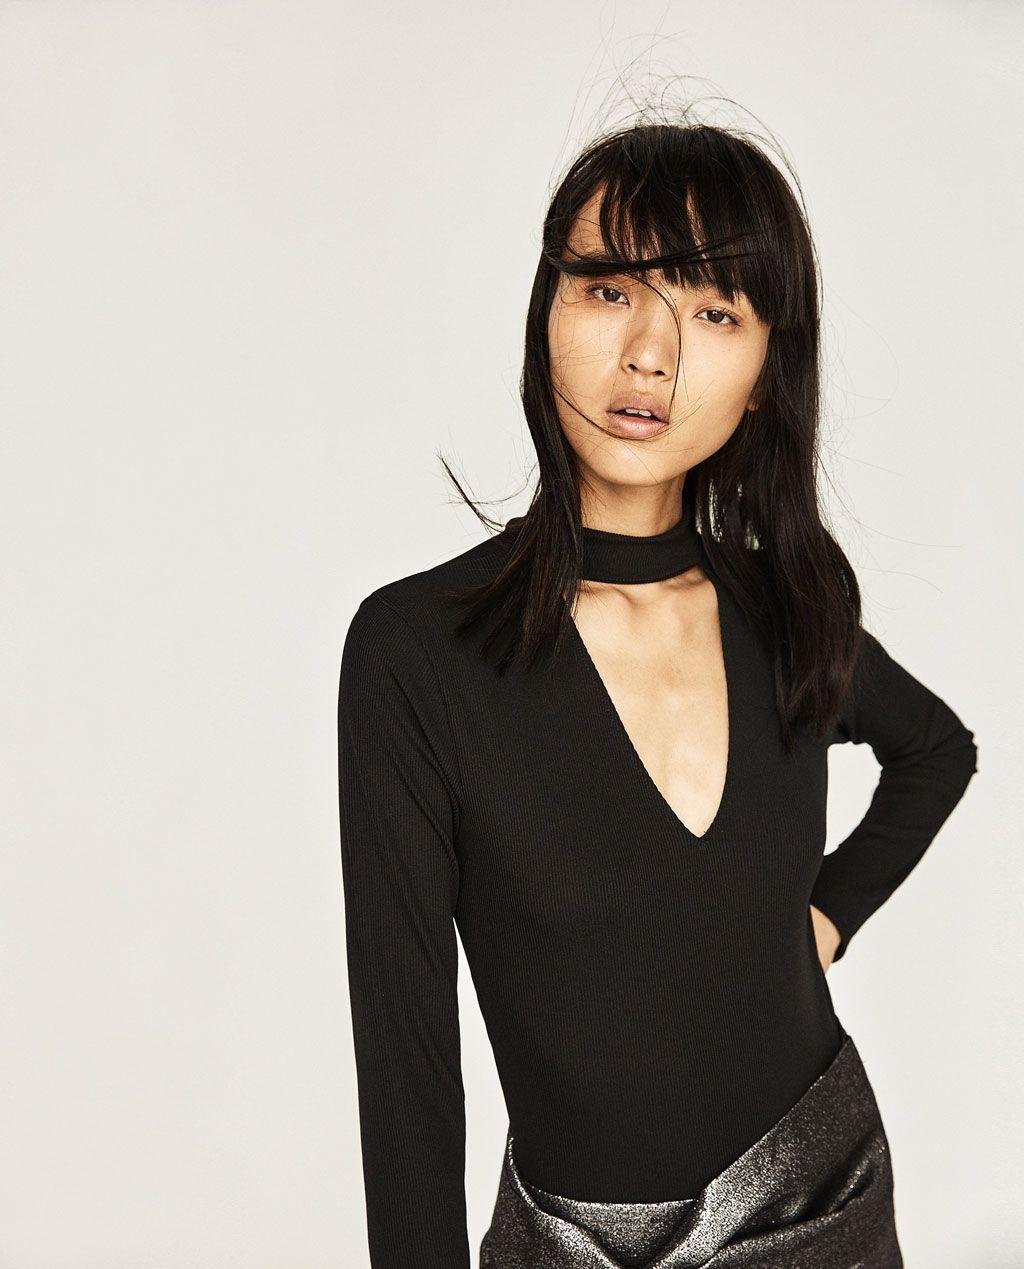 Чокера работа девушка модель примерка одежды